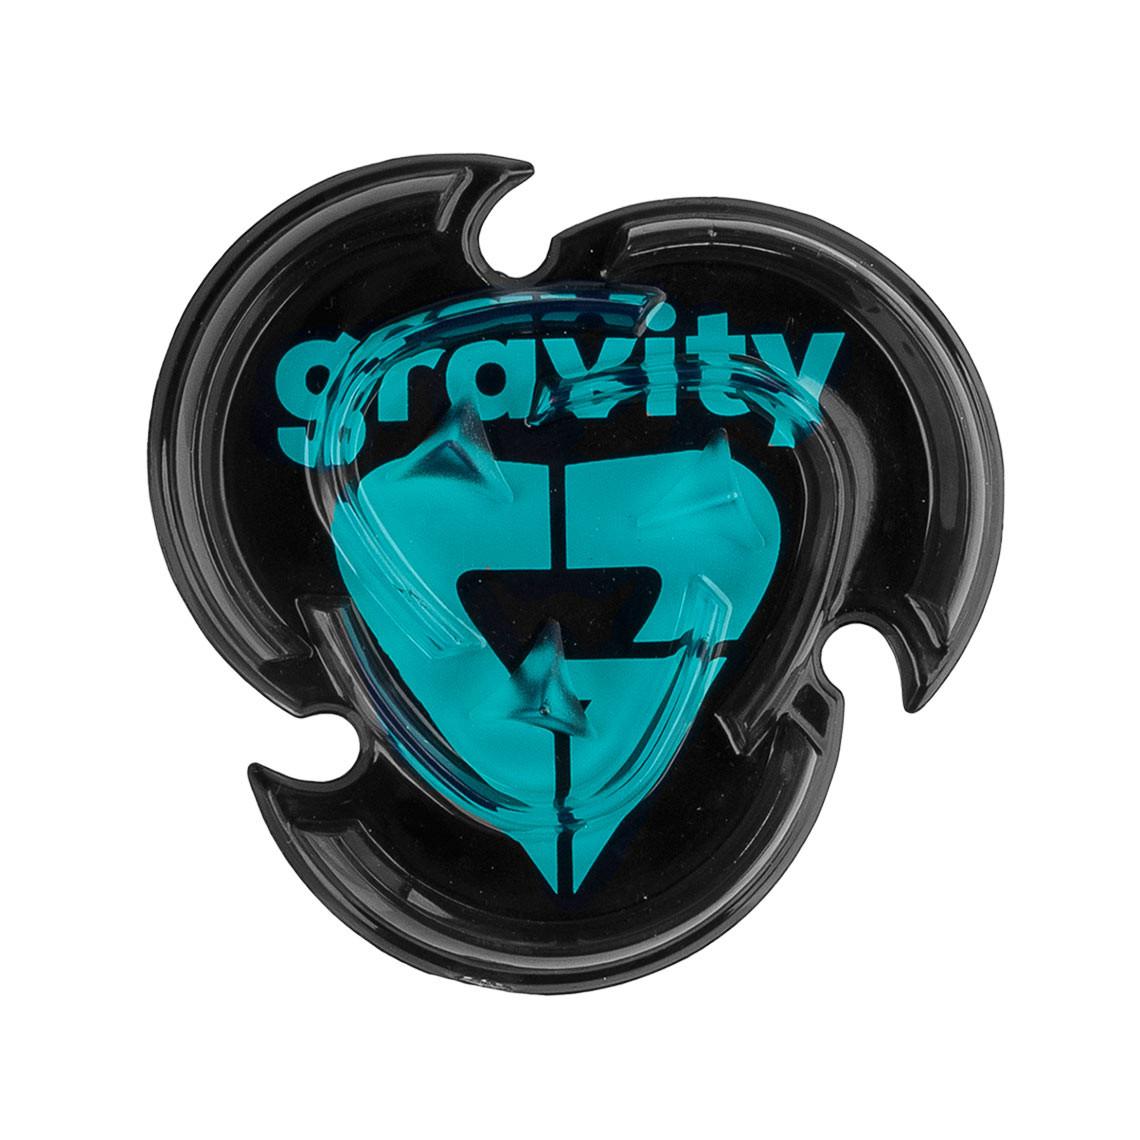 Grip Gravity Heart Mat black